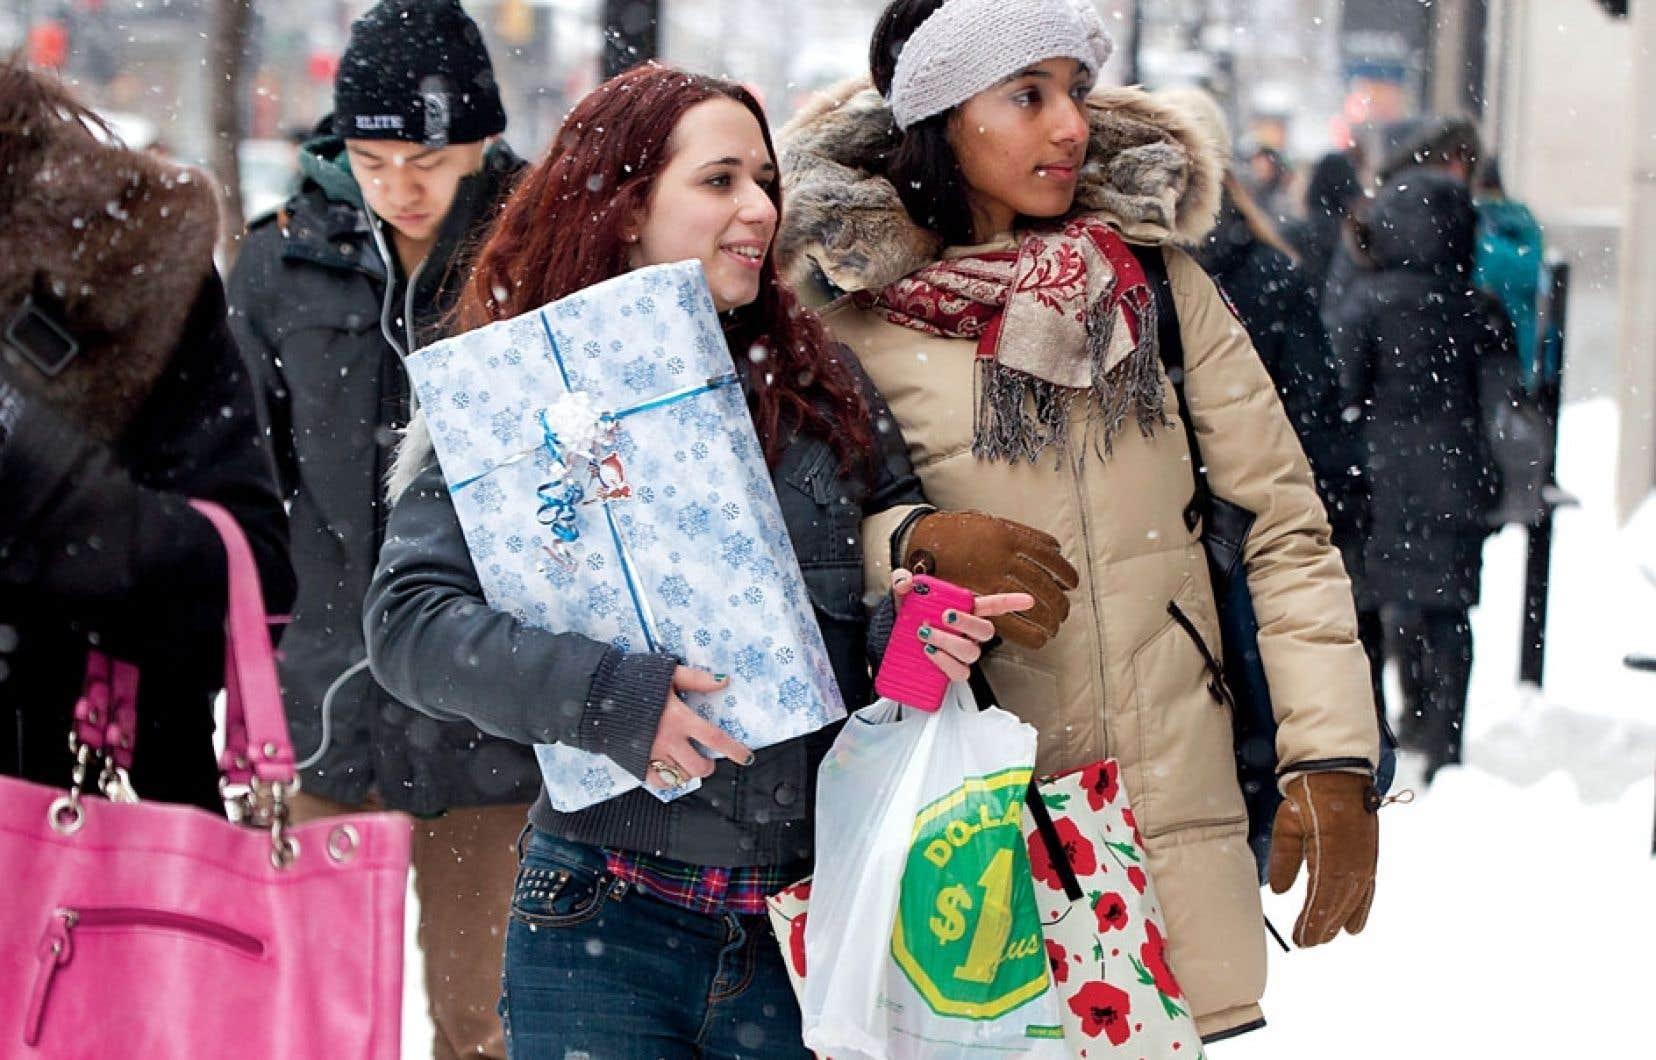 Alors qu'on entre dans la dernière semaine de magasinage des Fêtes, une étude publiée en 2008 nous rappelle qu'on surestime souvent l'importance que le destinataire accorde à la taille et au prix des cadeaux que l'on offre.